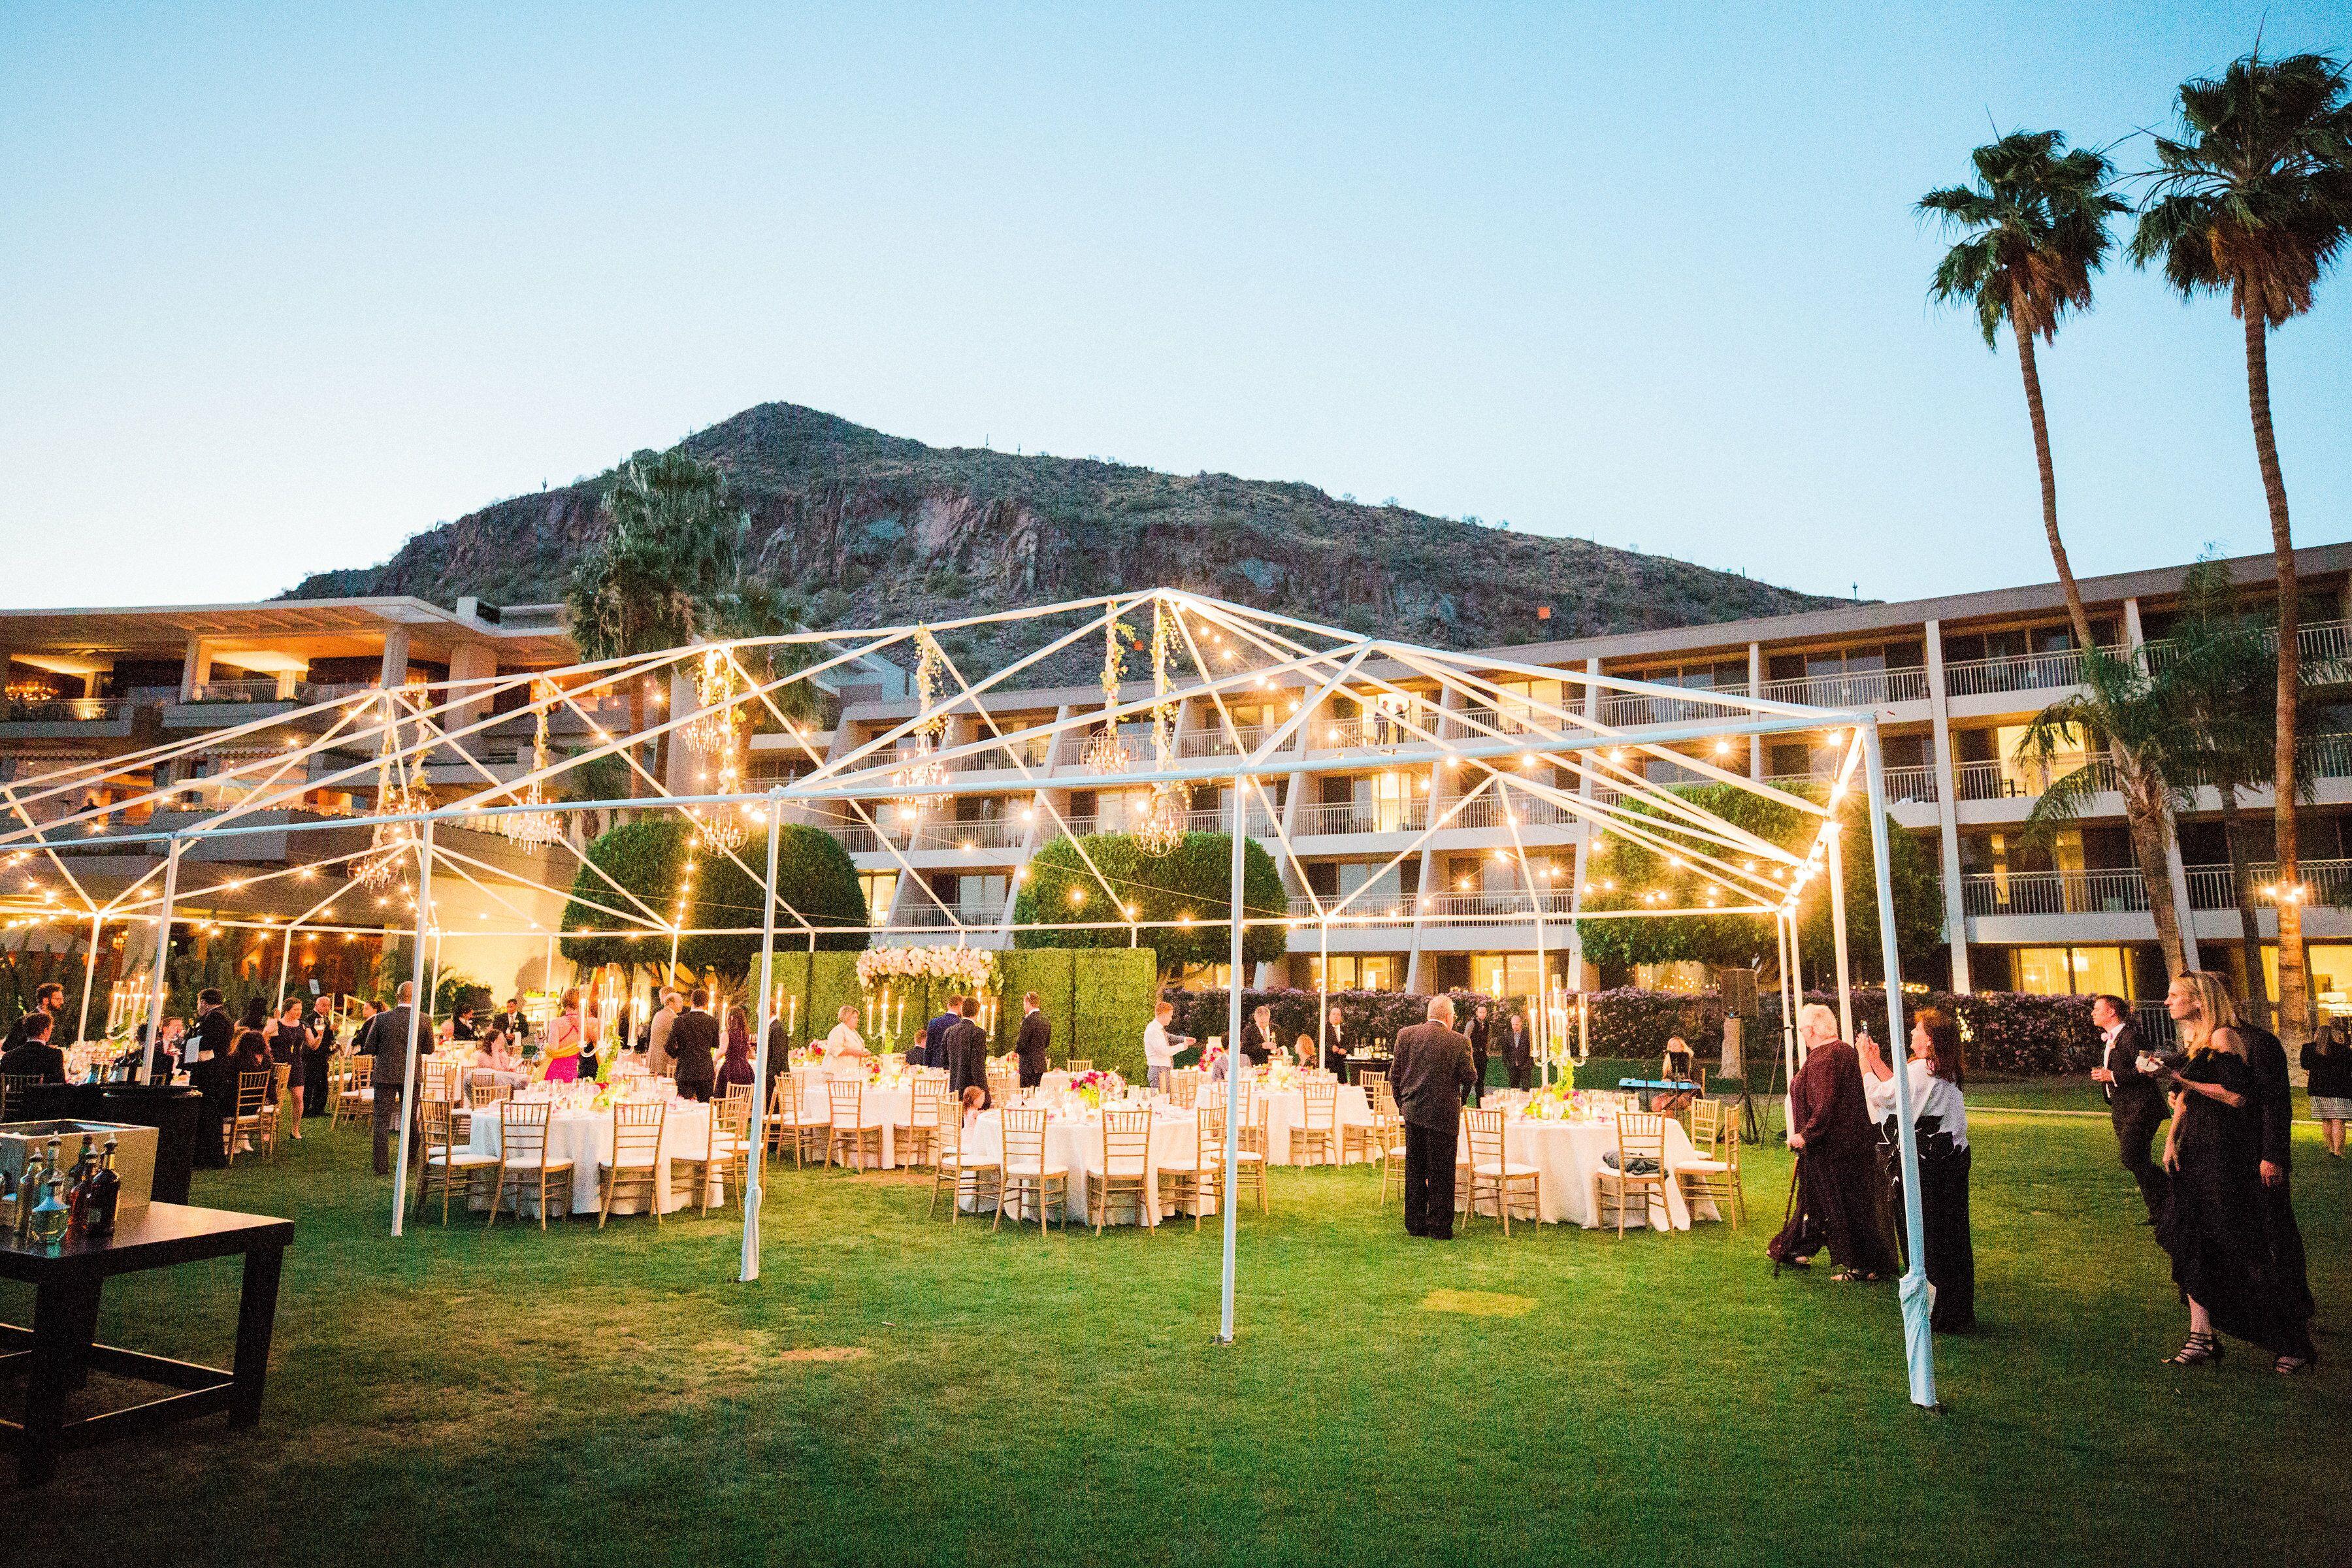 Classic Party Rentals & Wedding Rentals in Phoenix AZ - The Knot